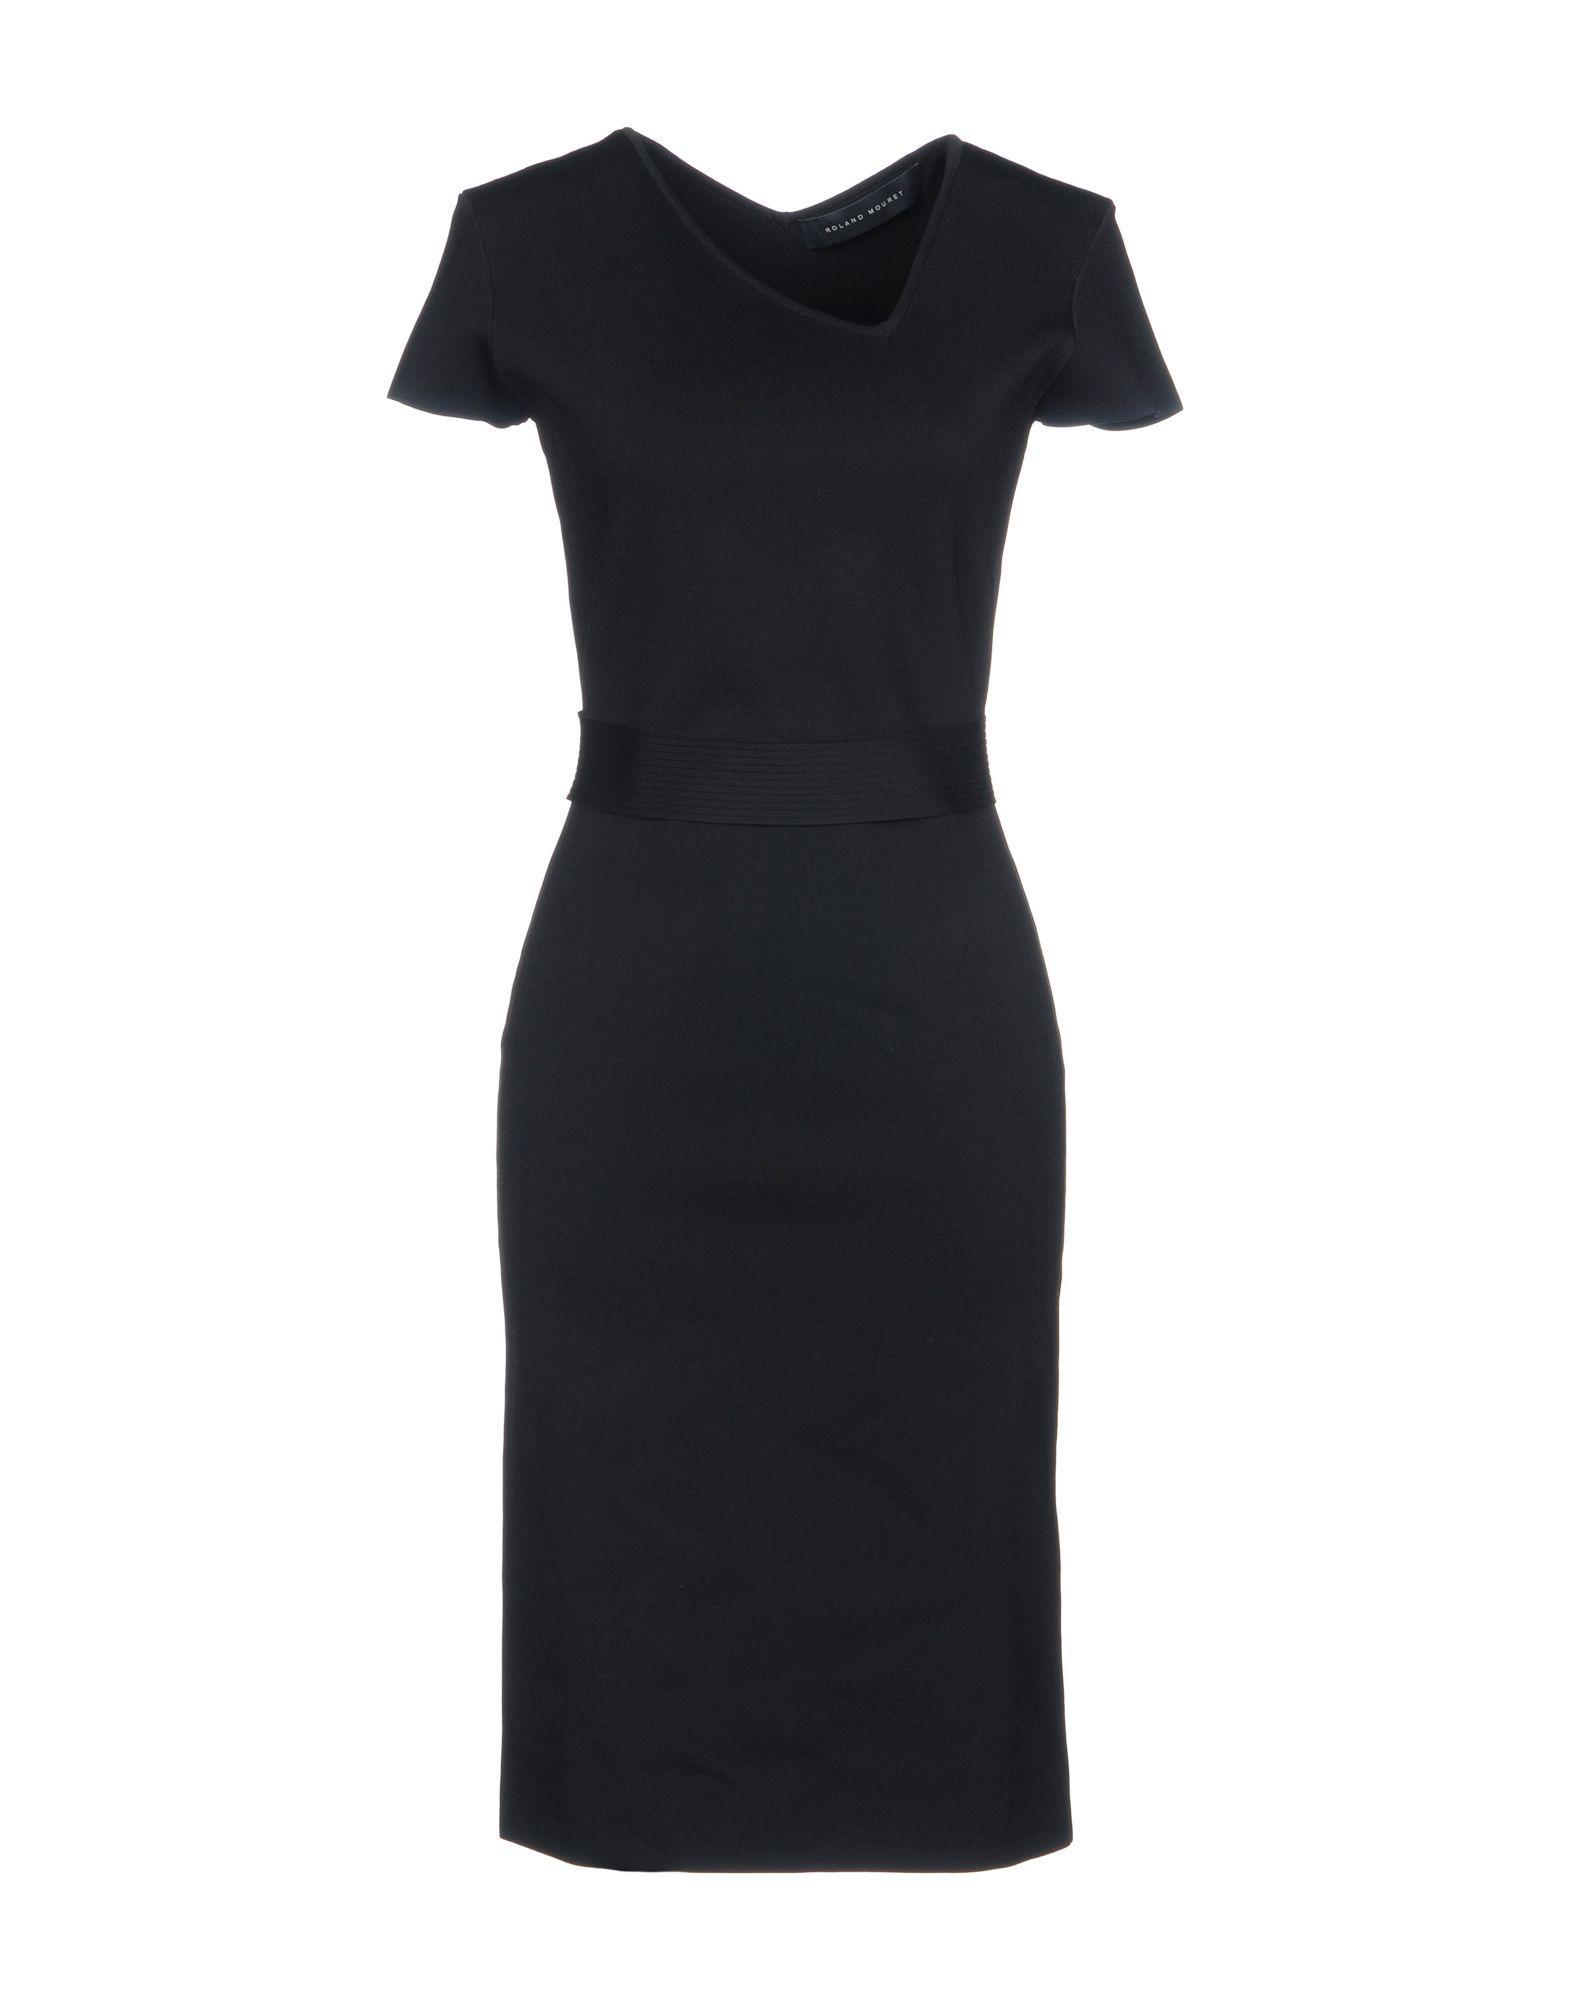 Roland Mouret Knee-length Dress In Black